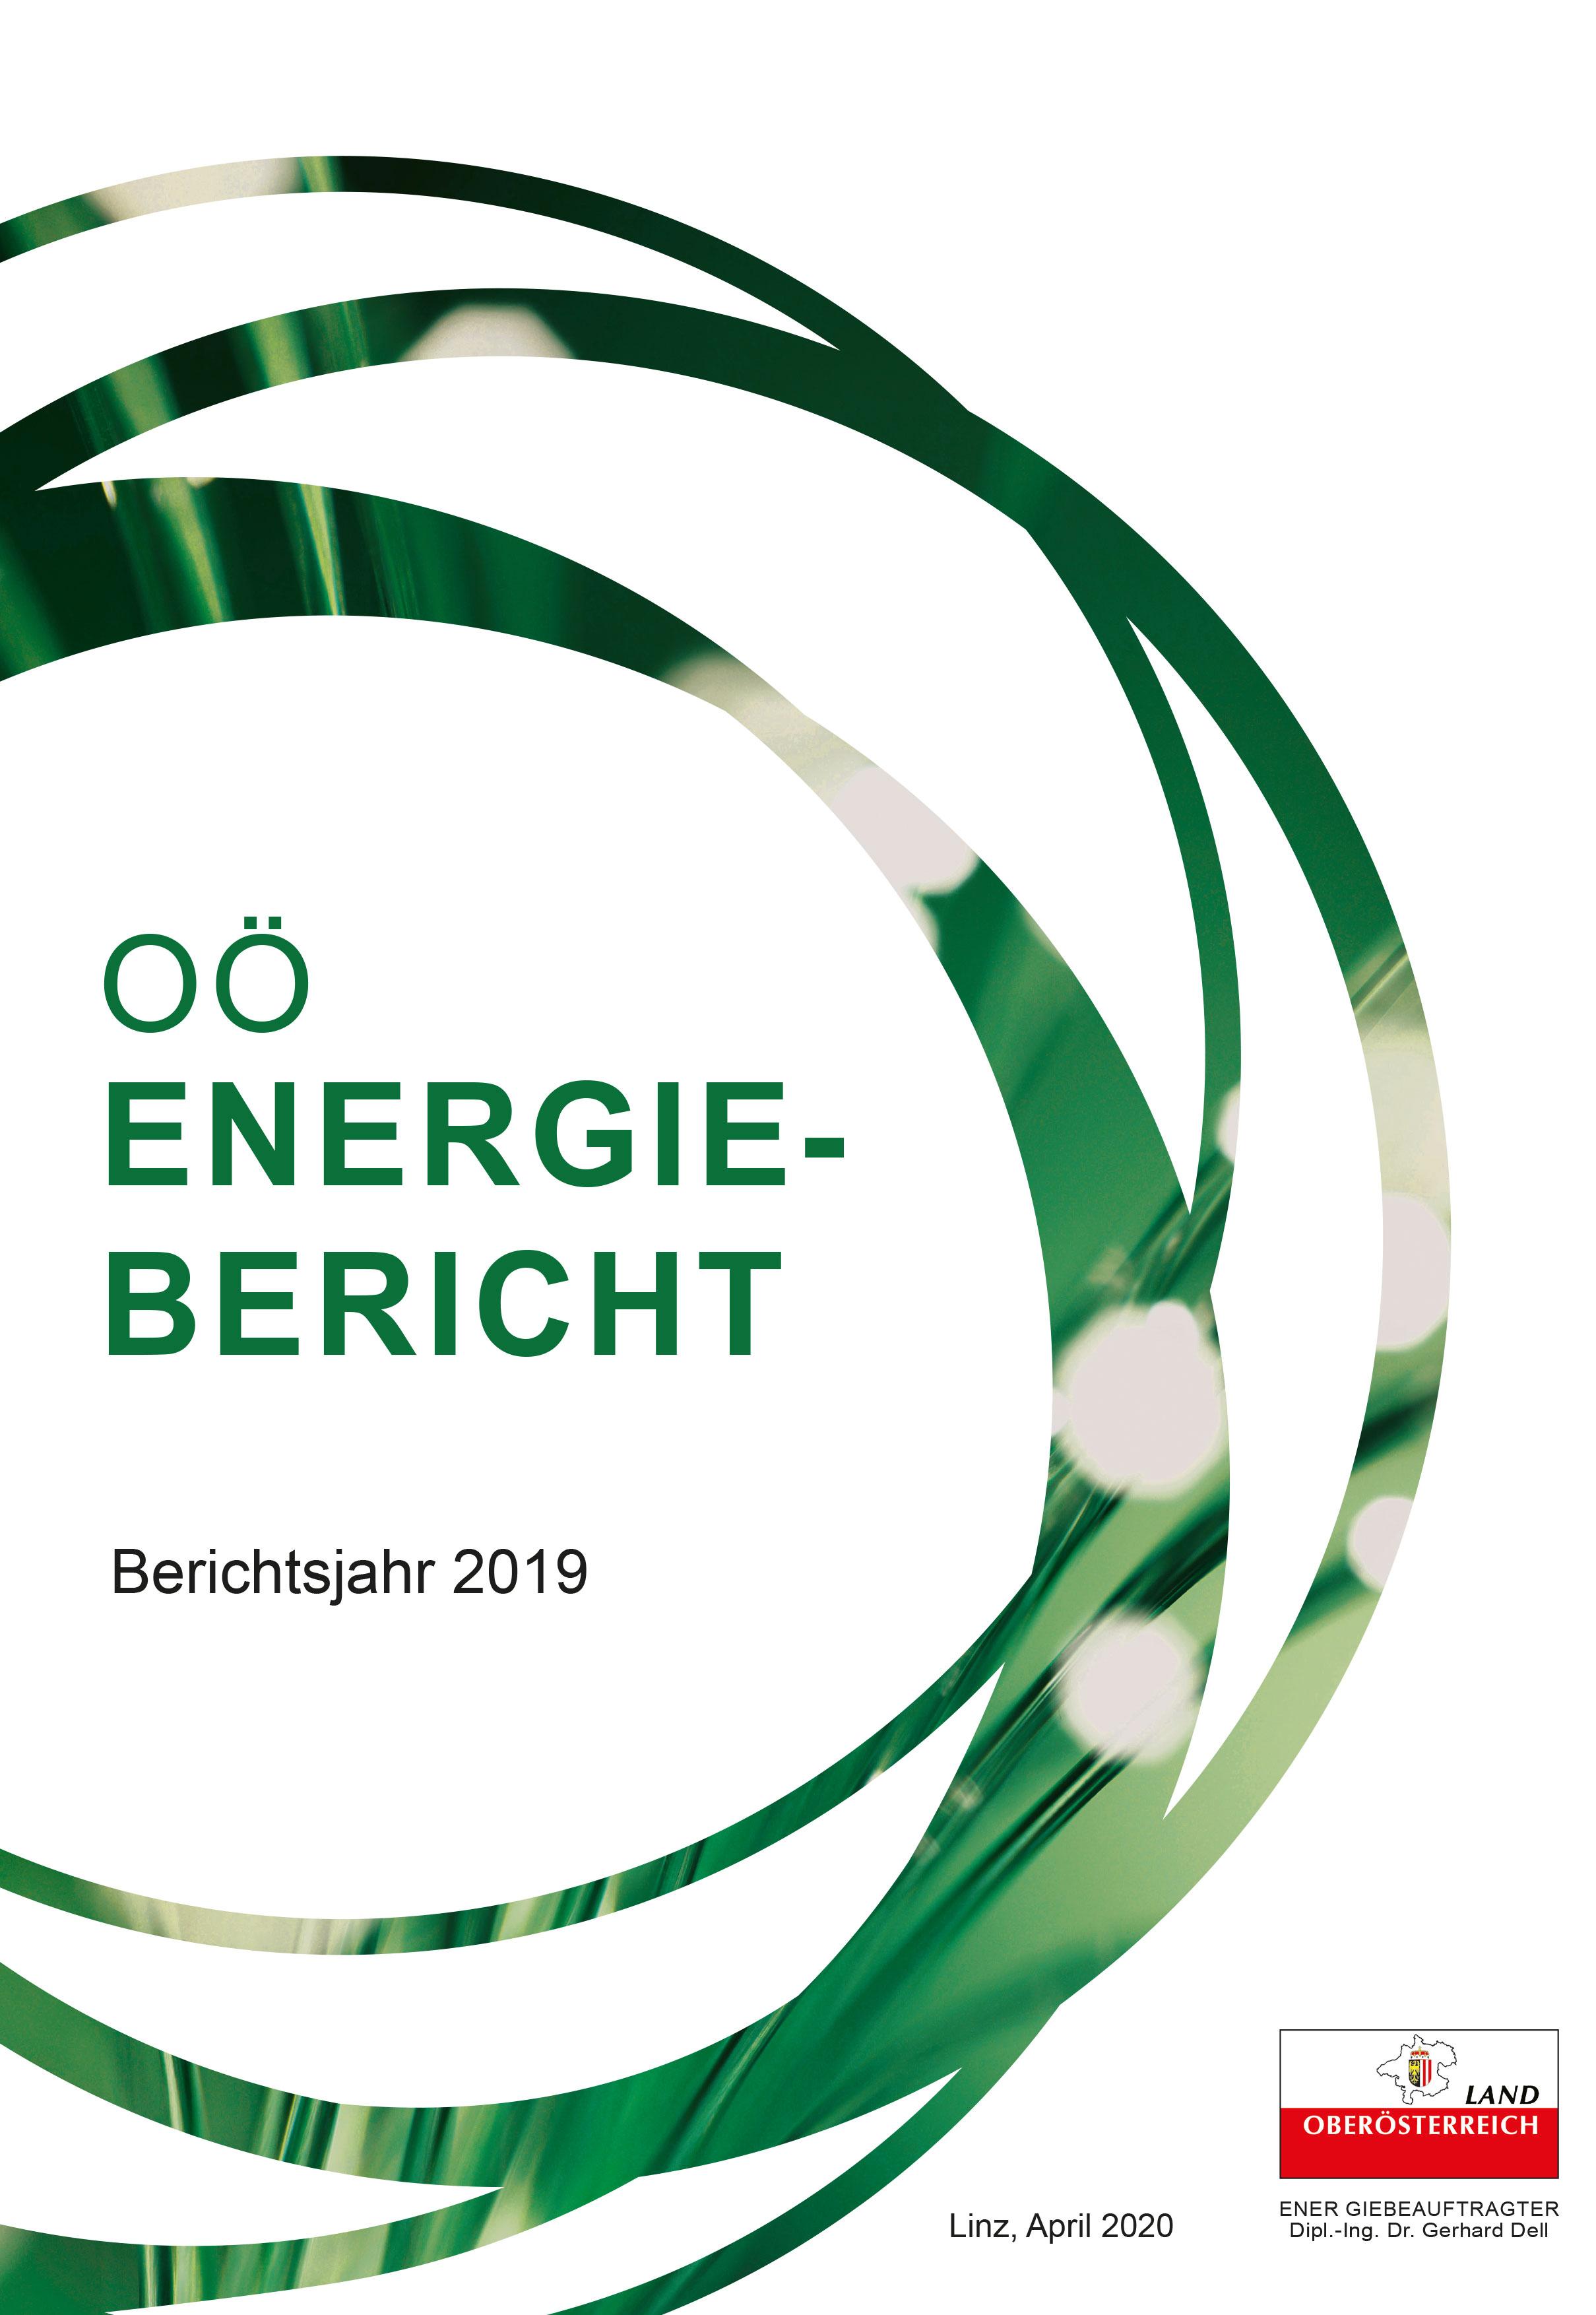 Oberösterreichischer Energiebericht - Berichtsjahr 2019